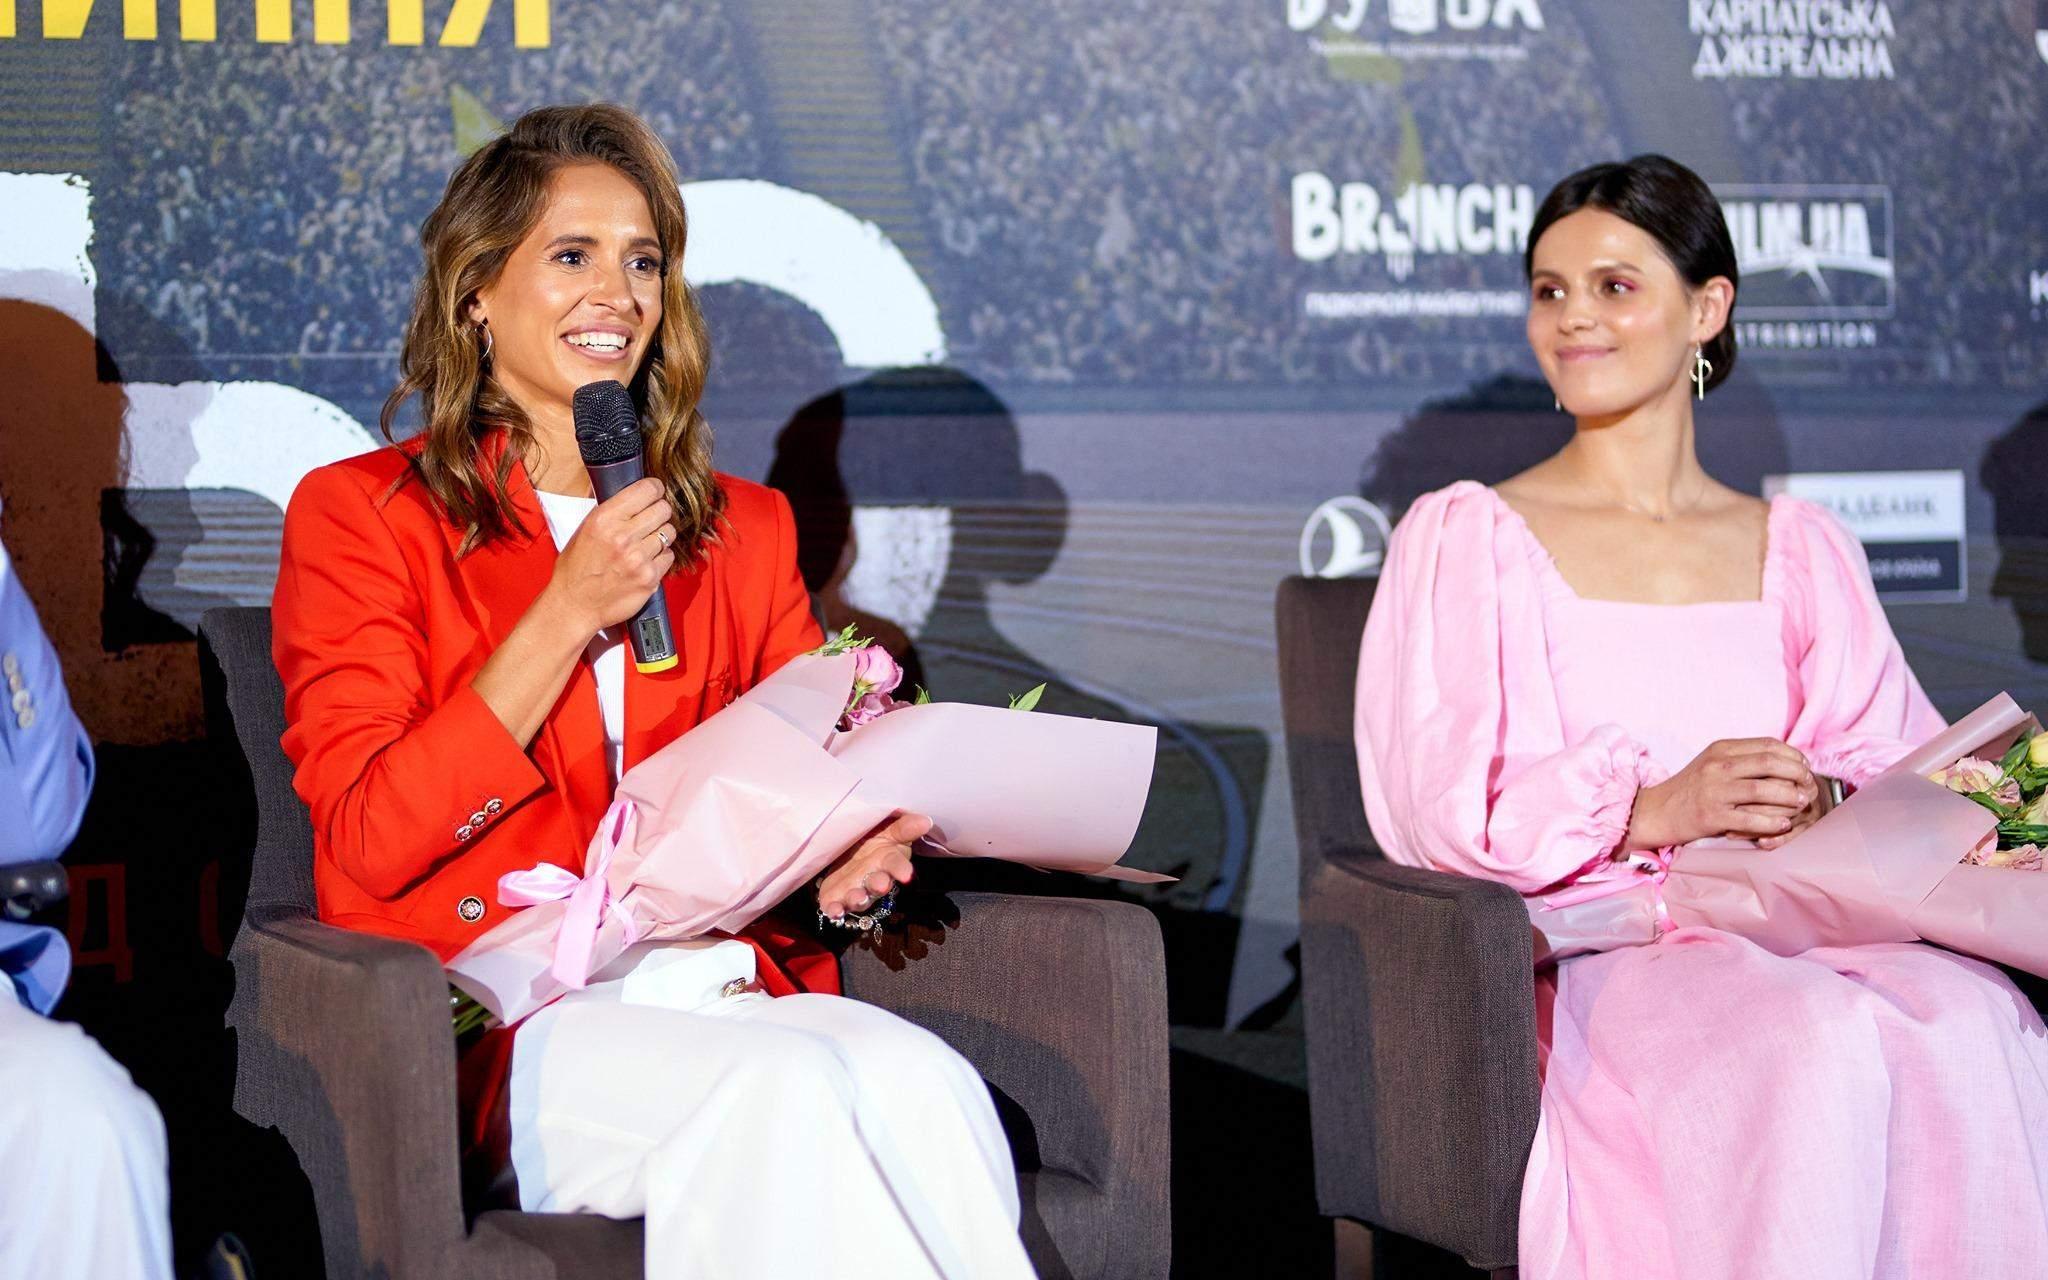 Оксана Ботурчук (зліва) і Наталія Бабенко на допрем'єрному показі